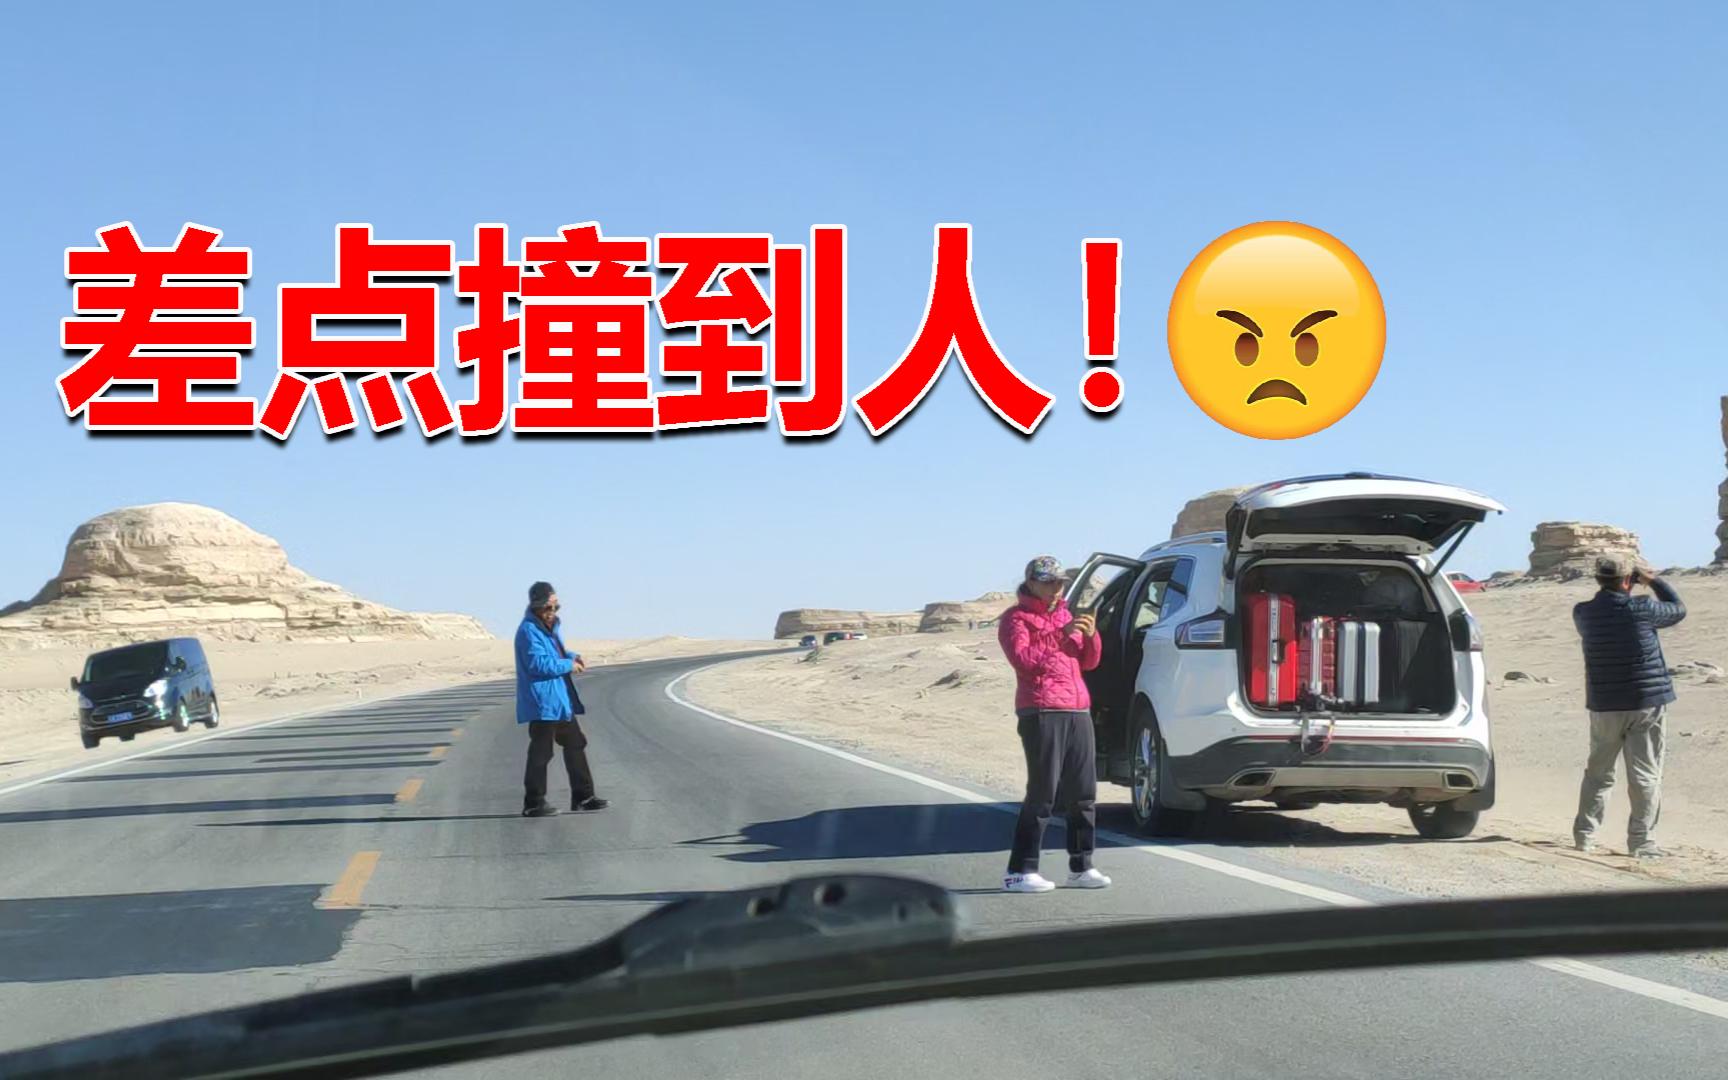 青海网红U型公路,很多人为了拍照站路中间,车来了都不躲